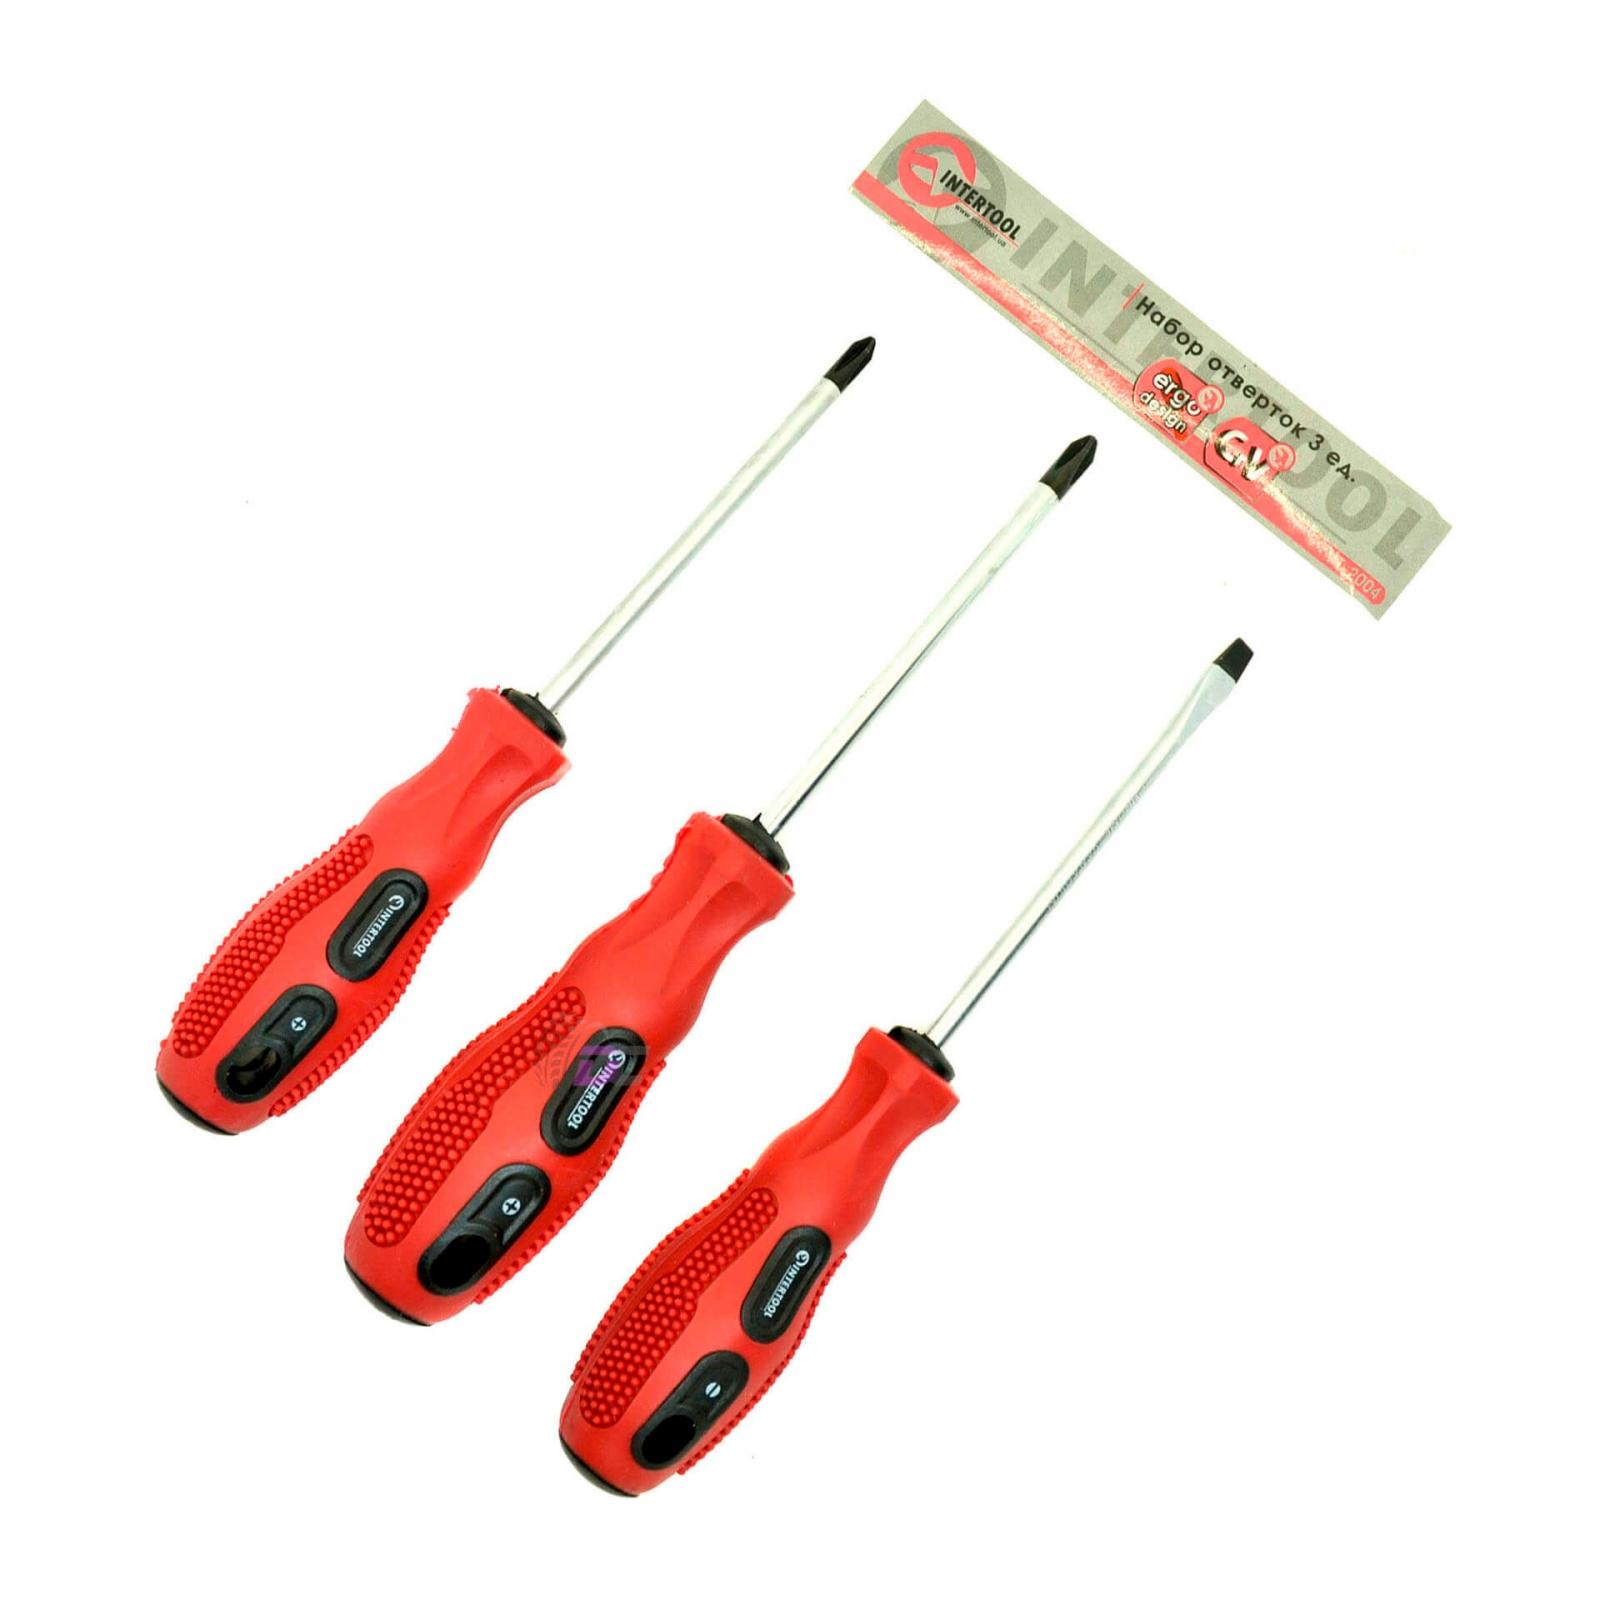 Set of screwdrivers - INTERTOOL VT-2004